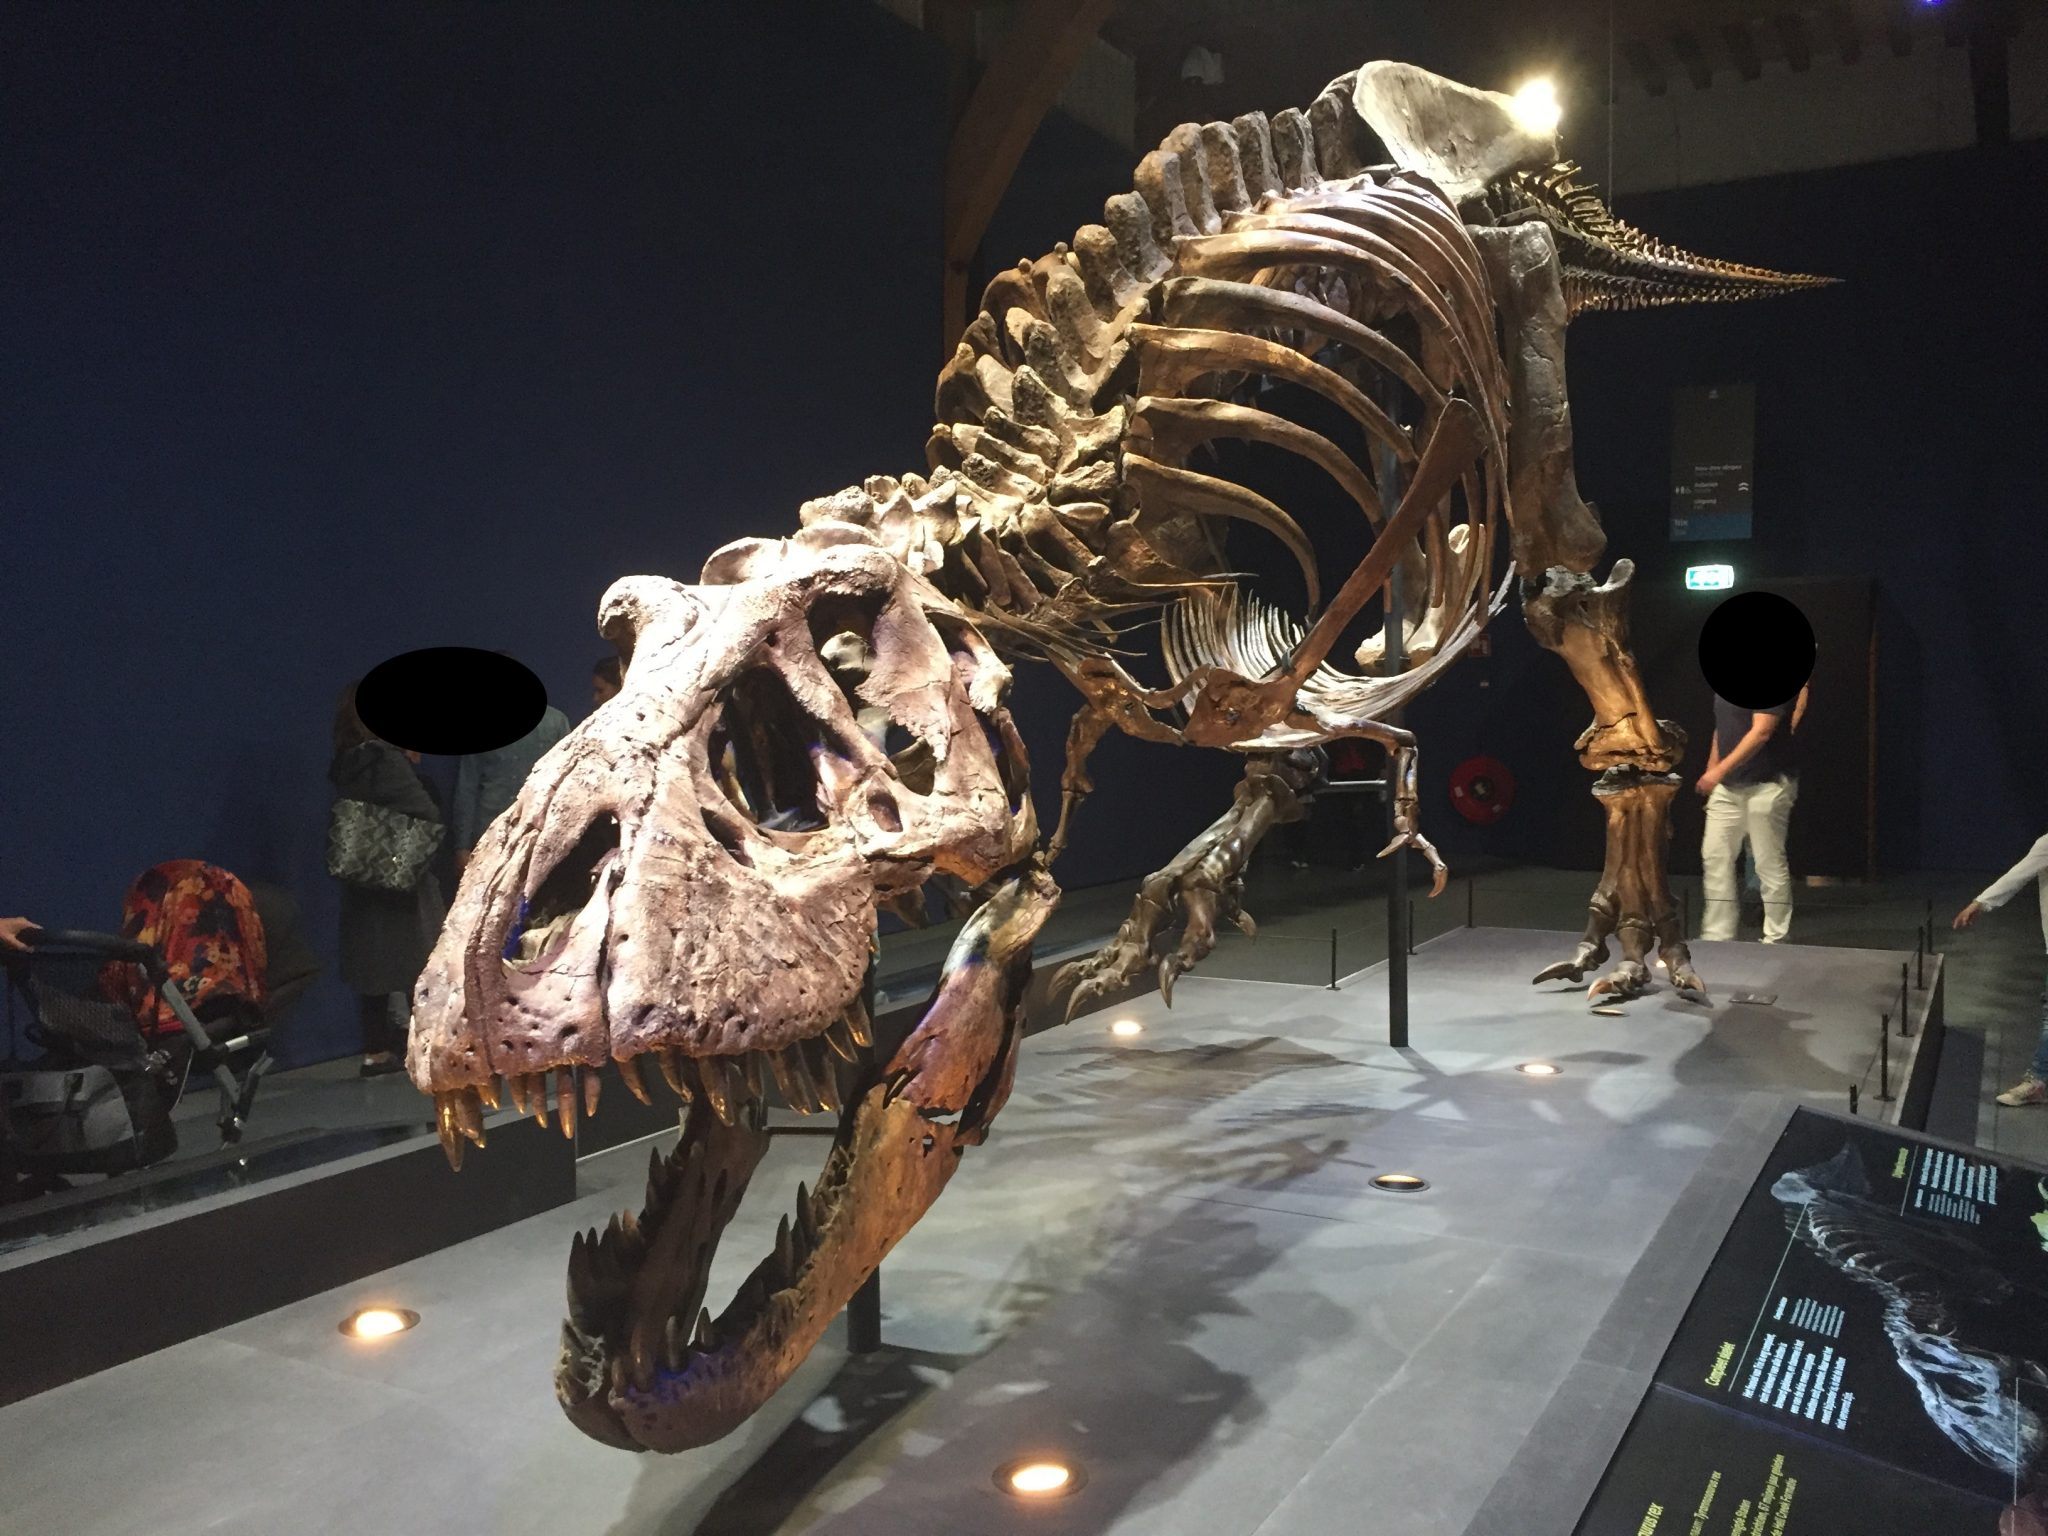 Jurassic Park Had Gelijk!!!